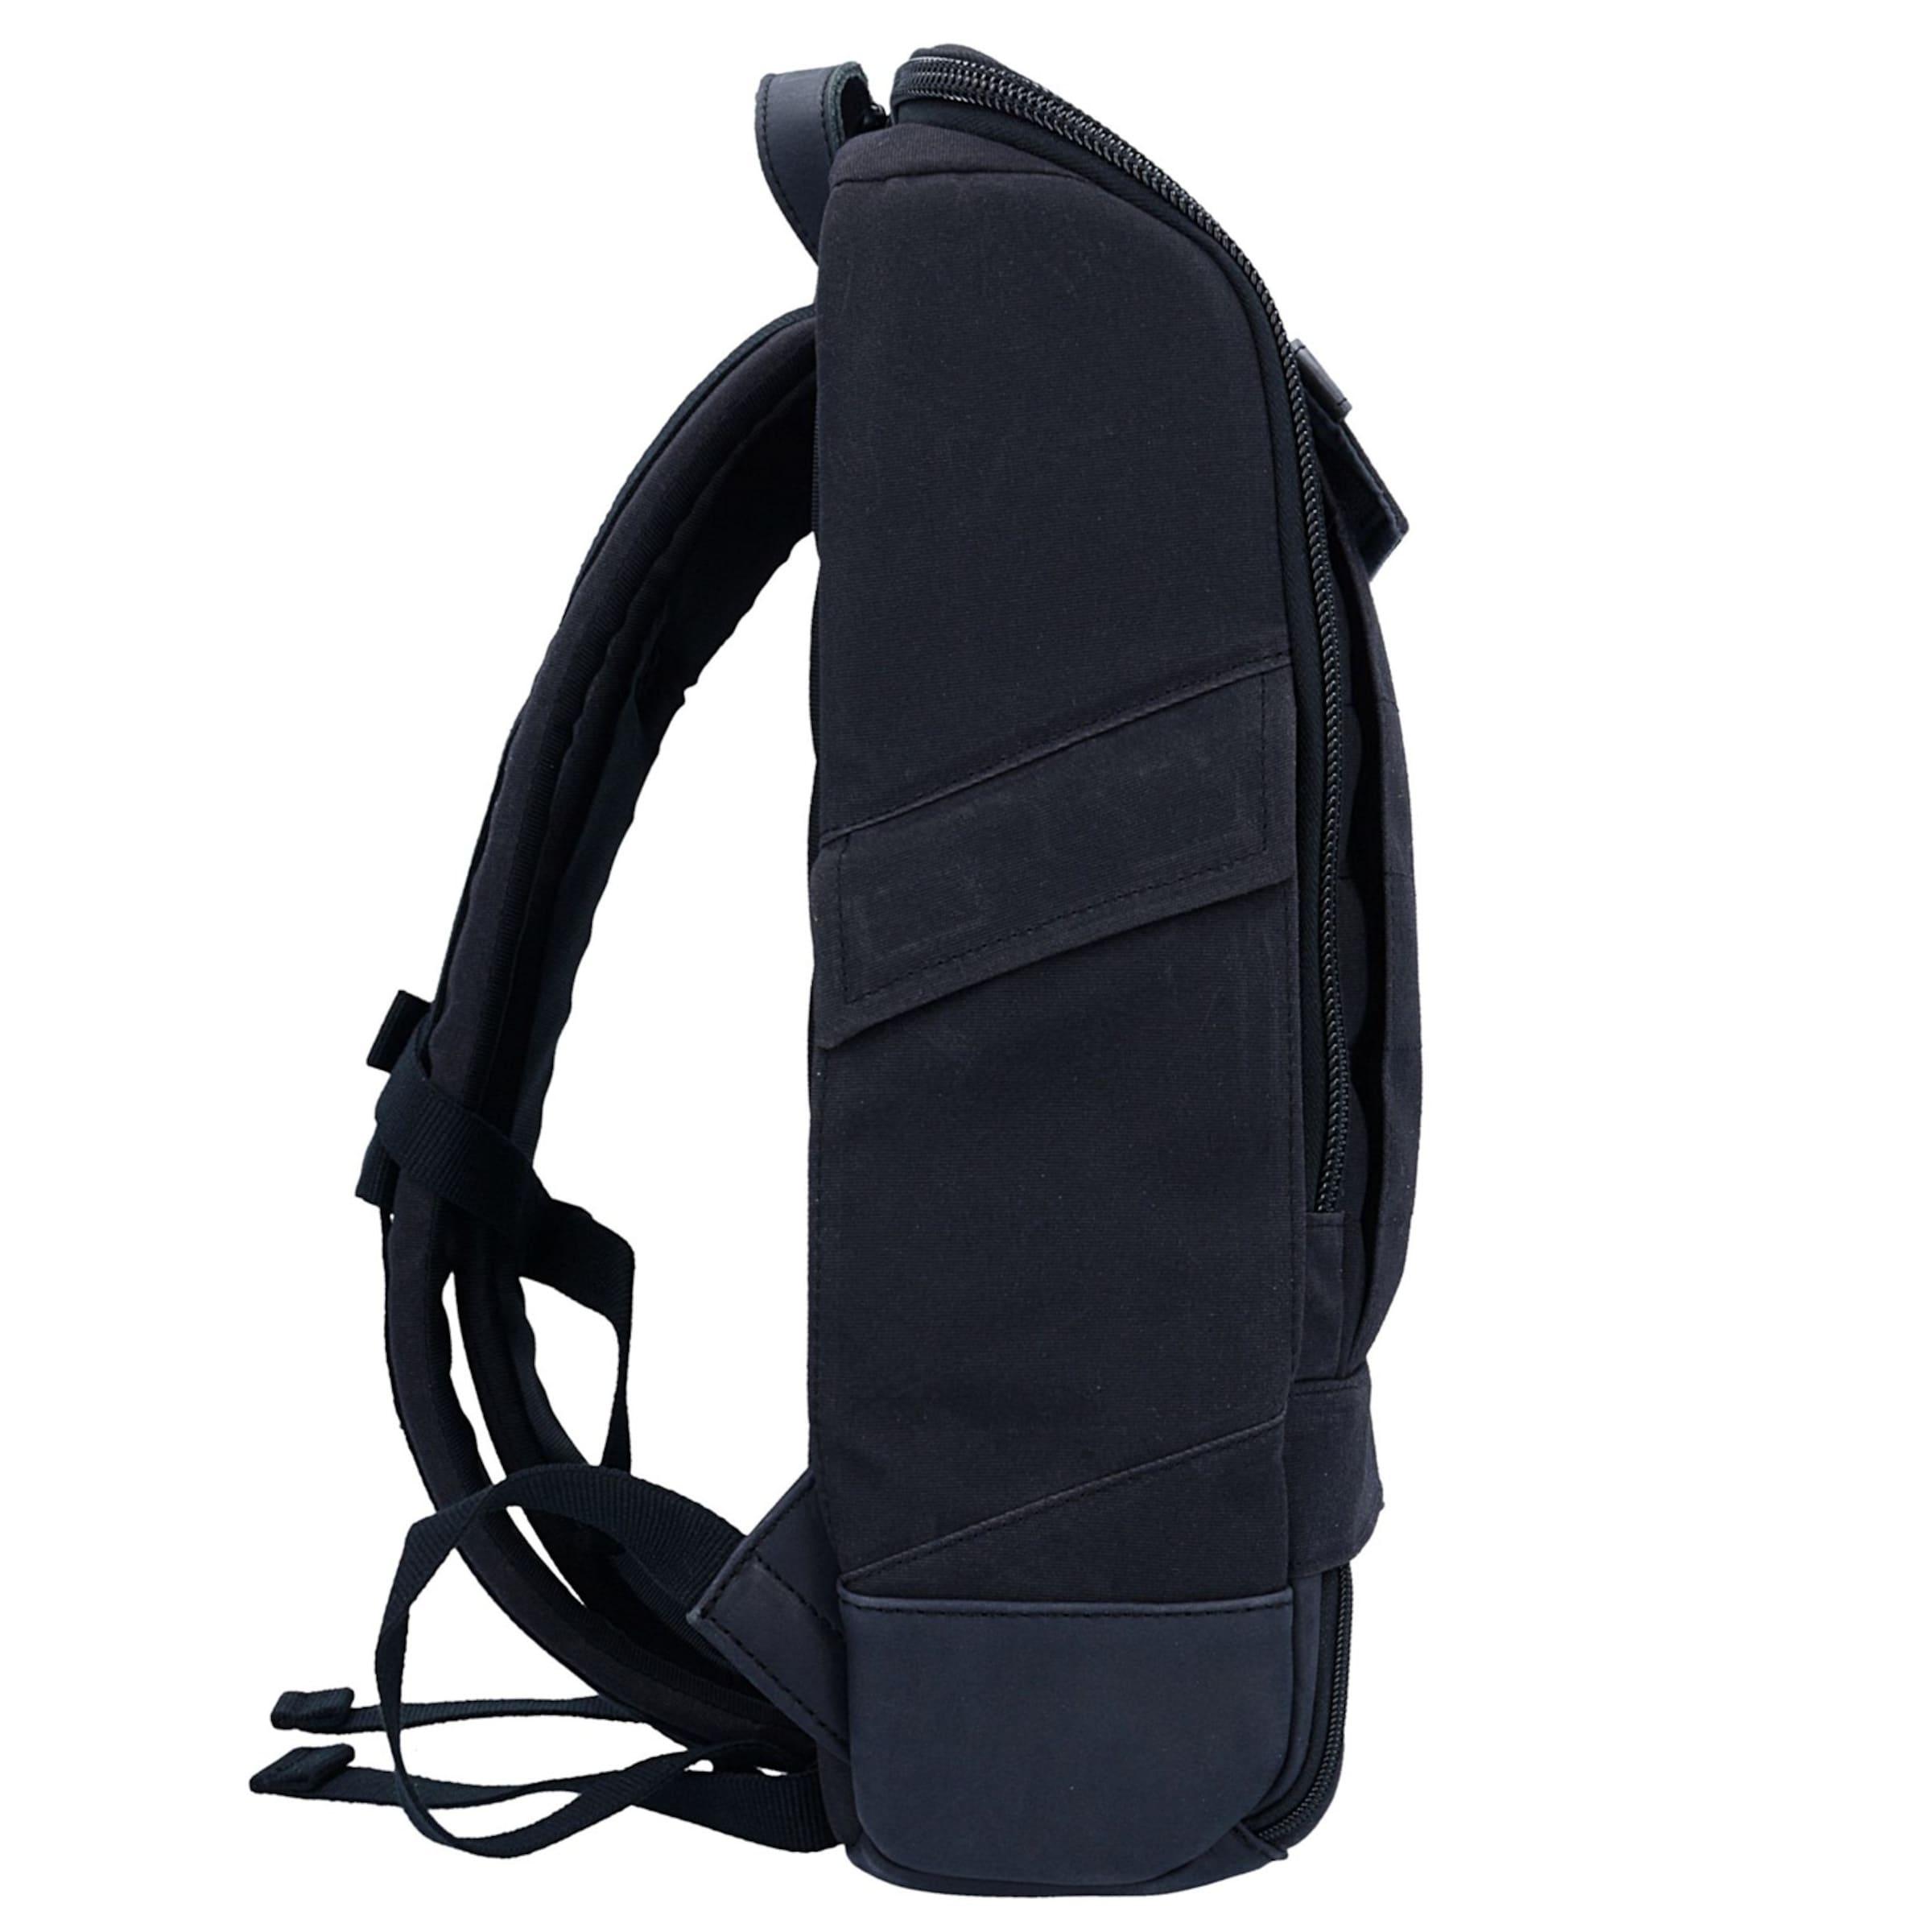 AEP Rucksack in schwarz